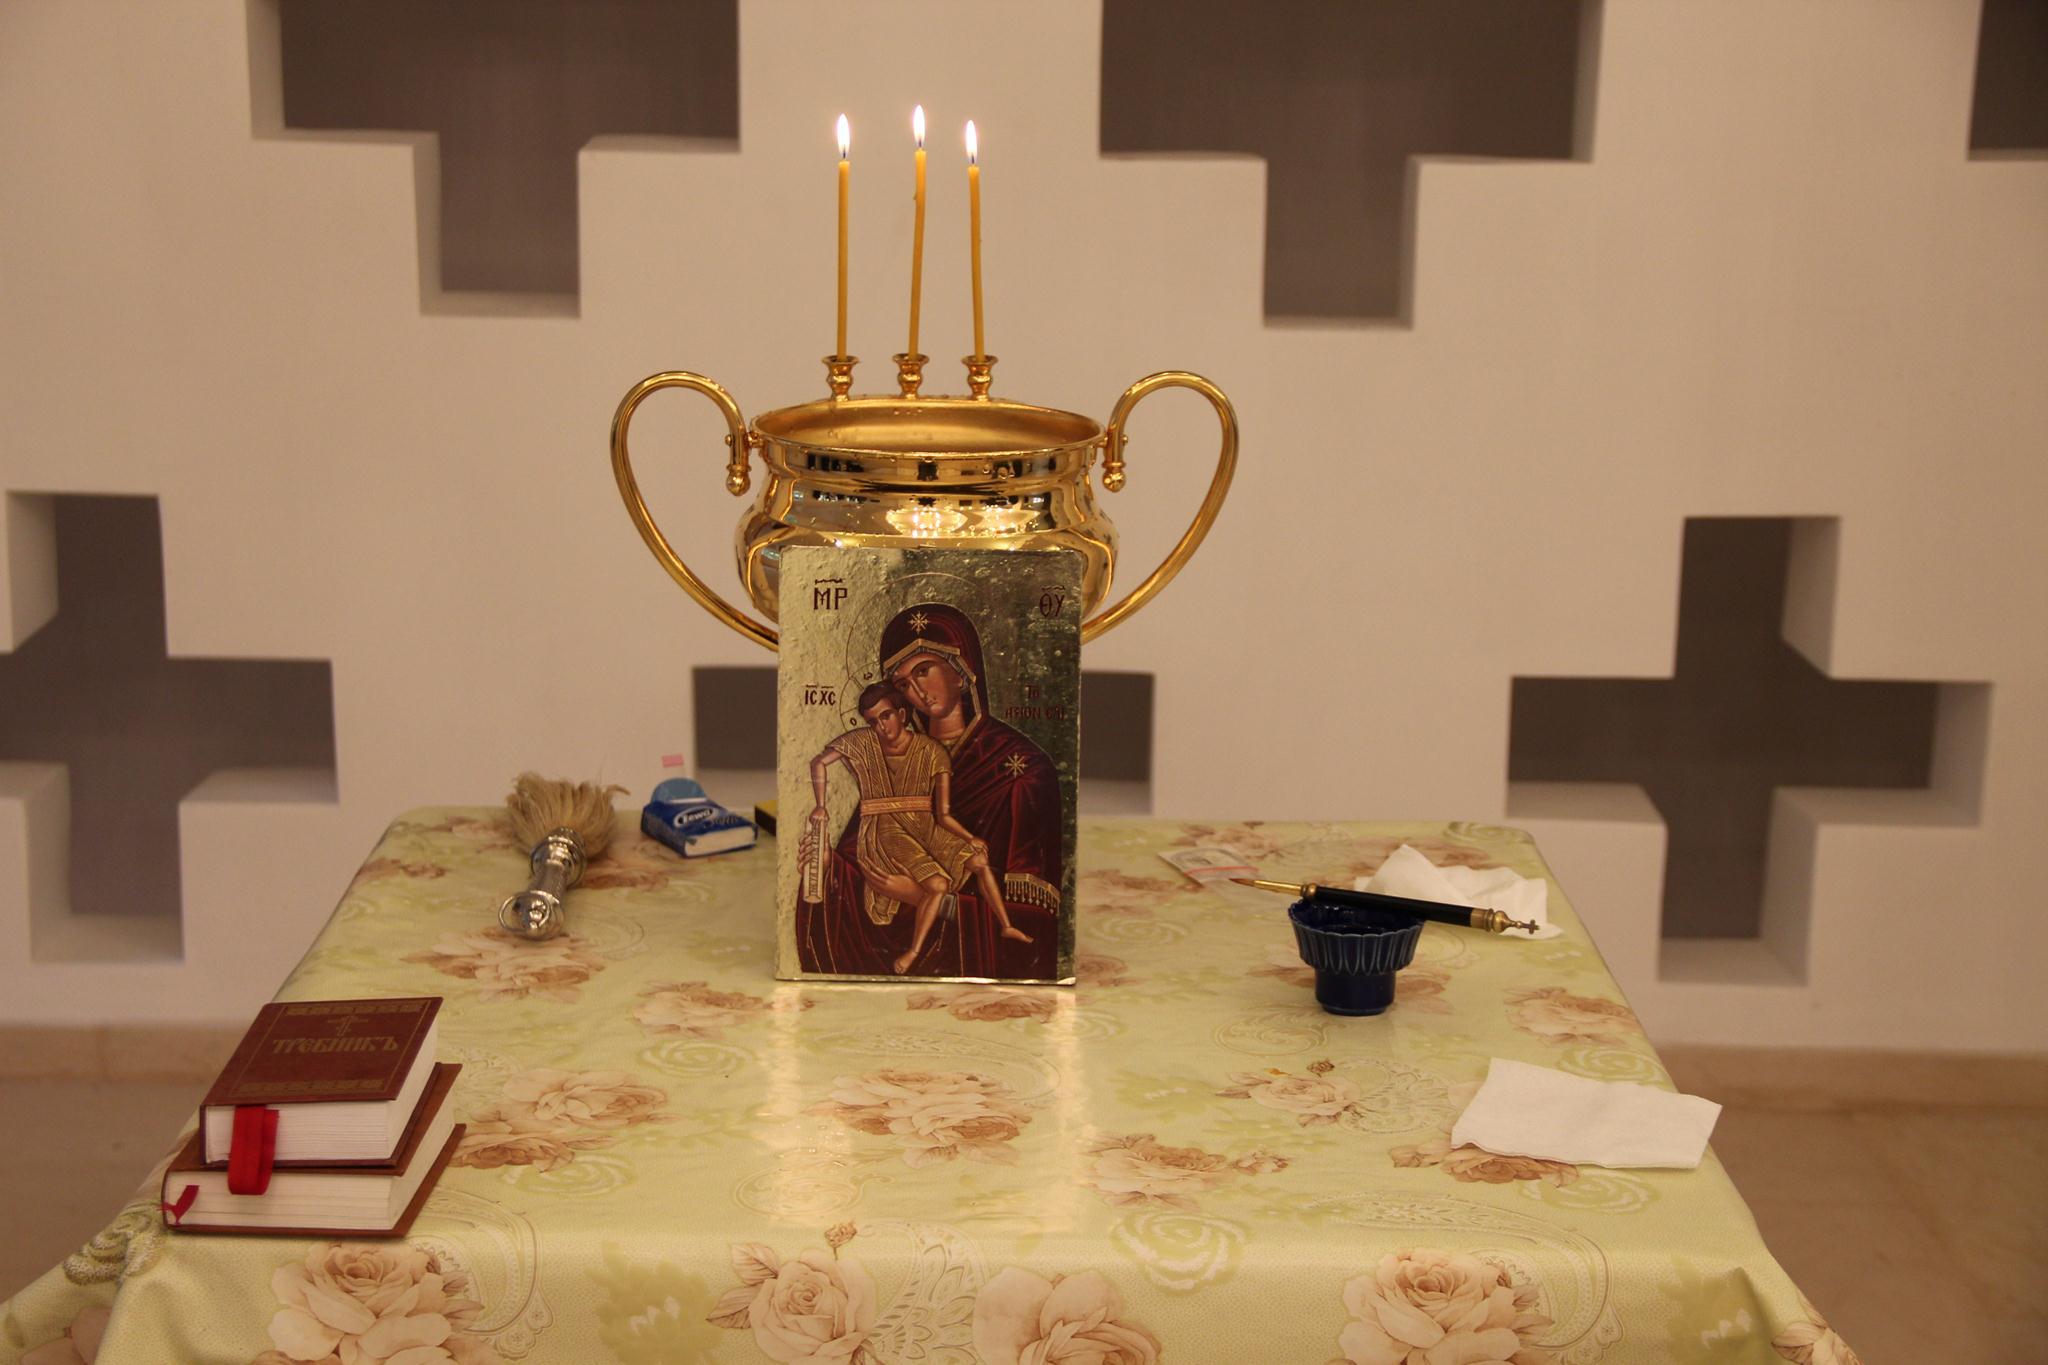 8 октября в день преставления преподобного Сергия Радонежского состоялось освящение здания нового административно-жилого комплекса Душанбинской епархии